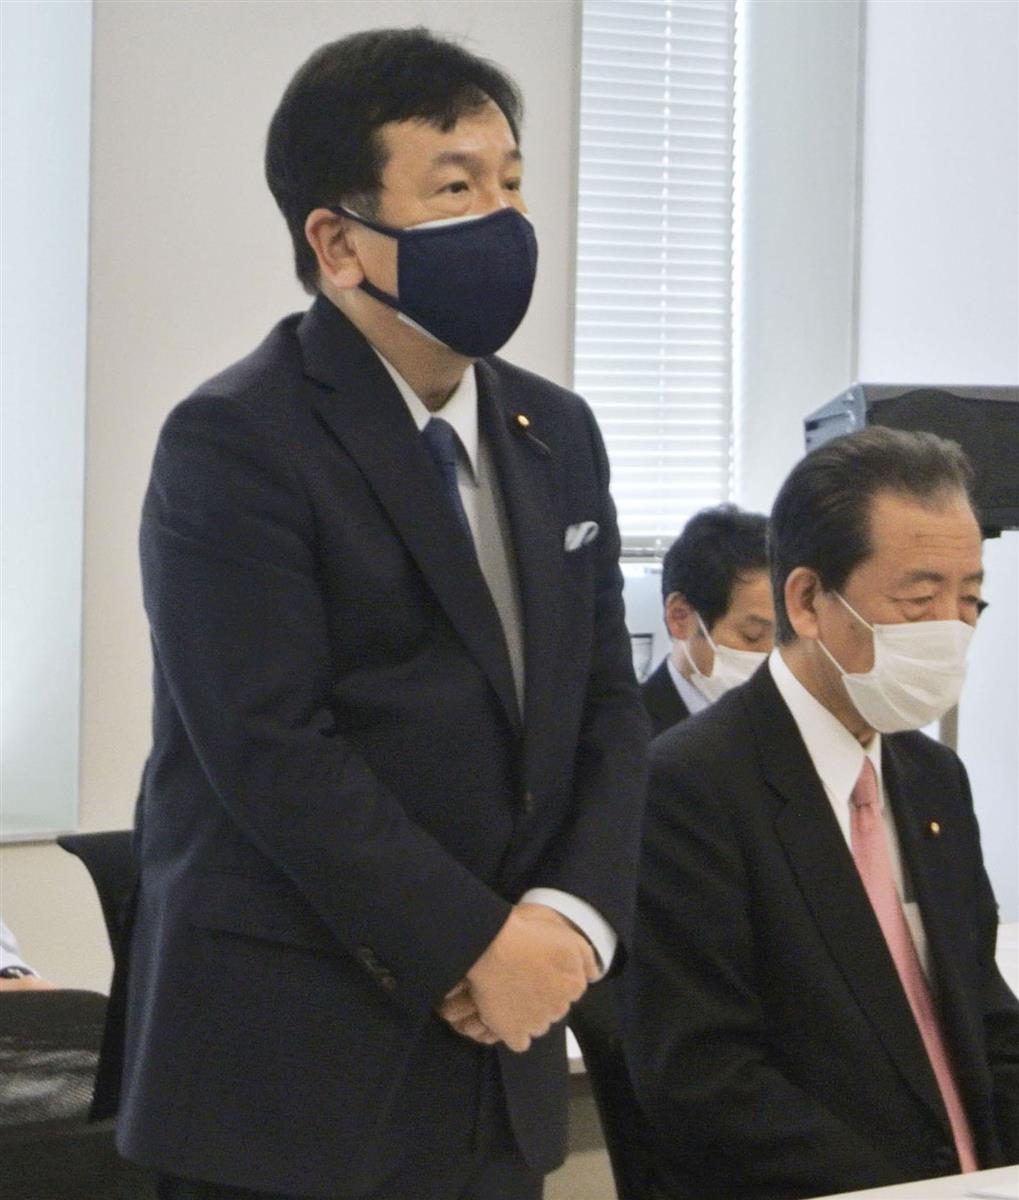 立憲民主党の常任幹事会であいさつする枝野代表(左)=20日、国会